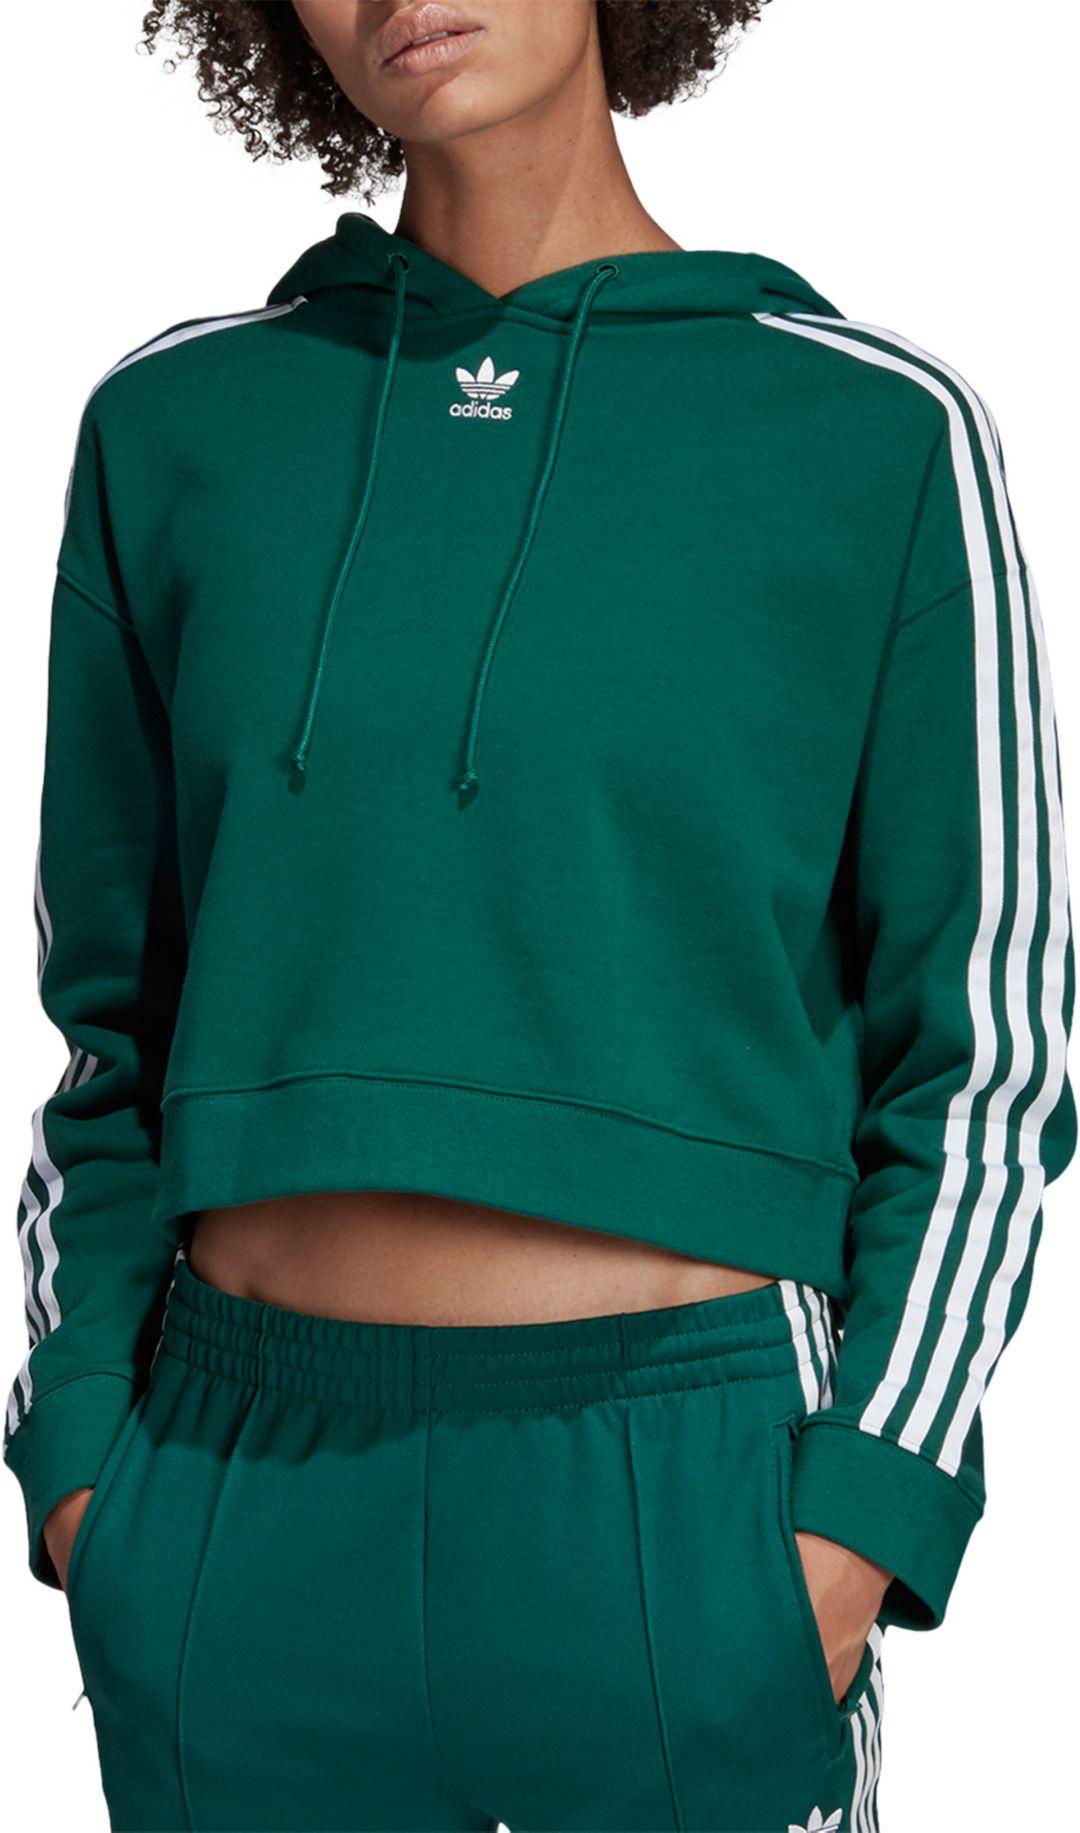 7fedf6ff10c adidas Originals Women's Cropped Hoodie. noImageFound. Previous